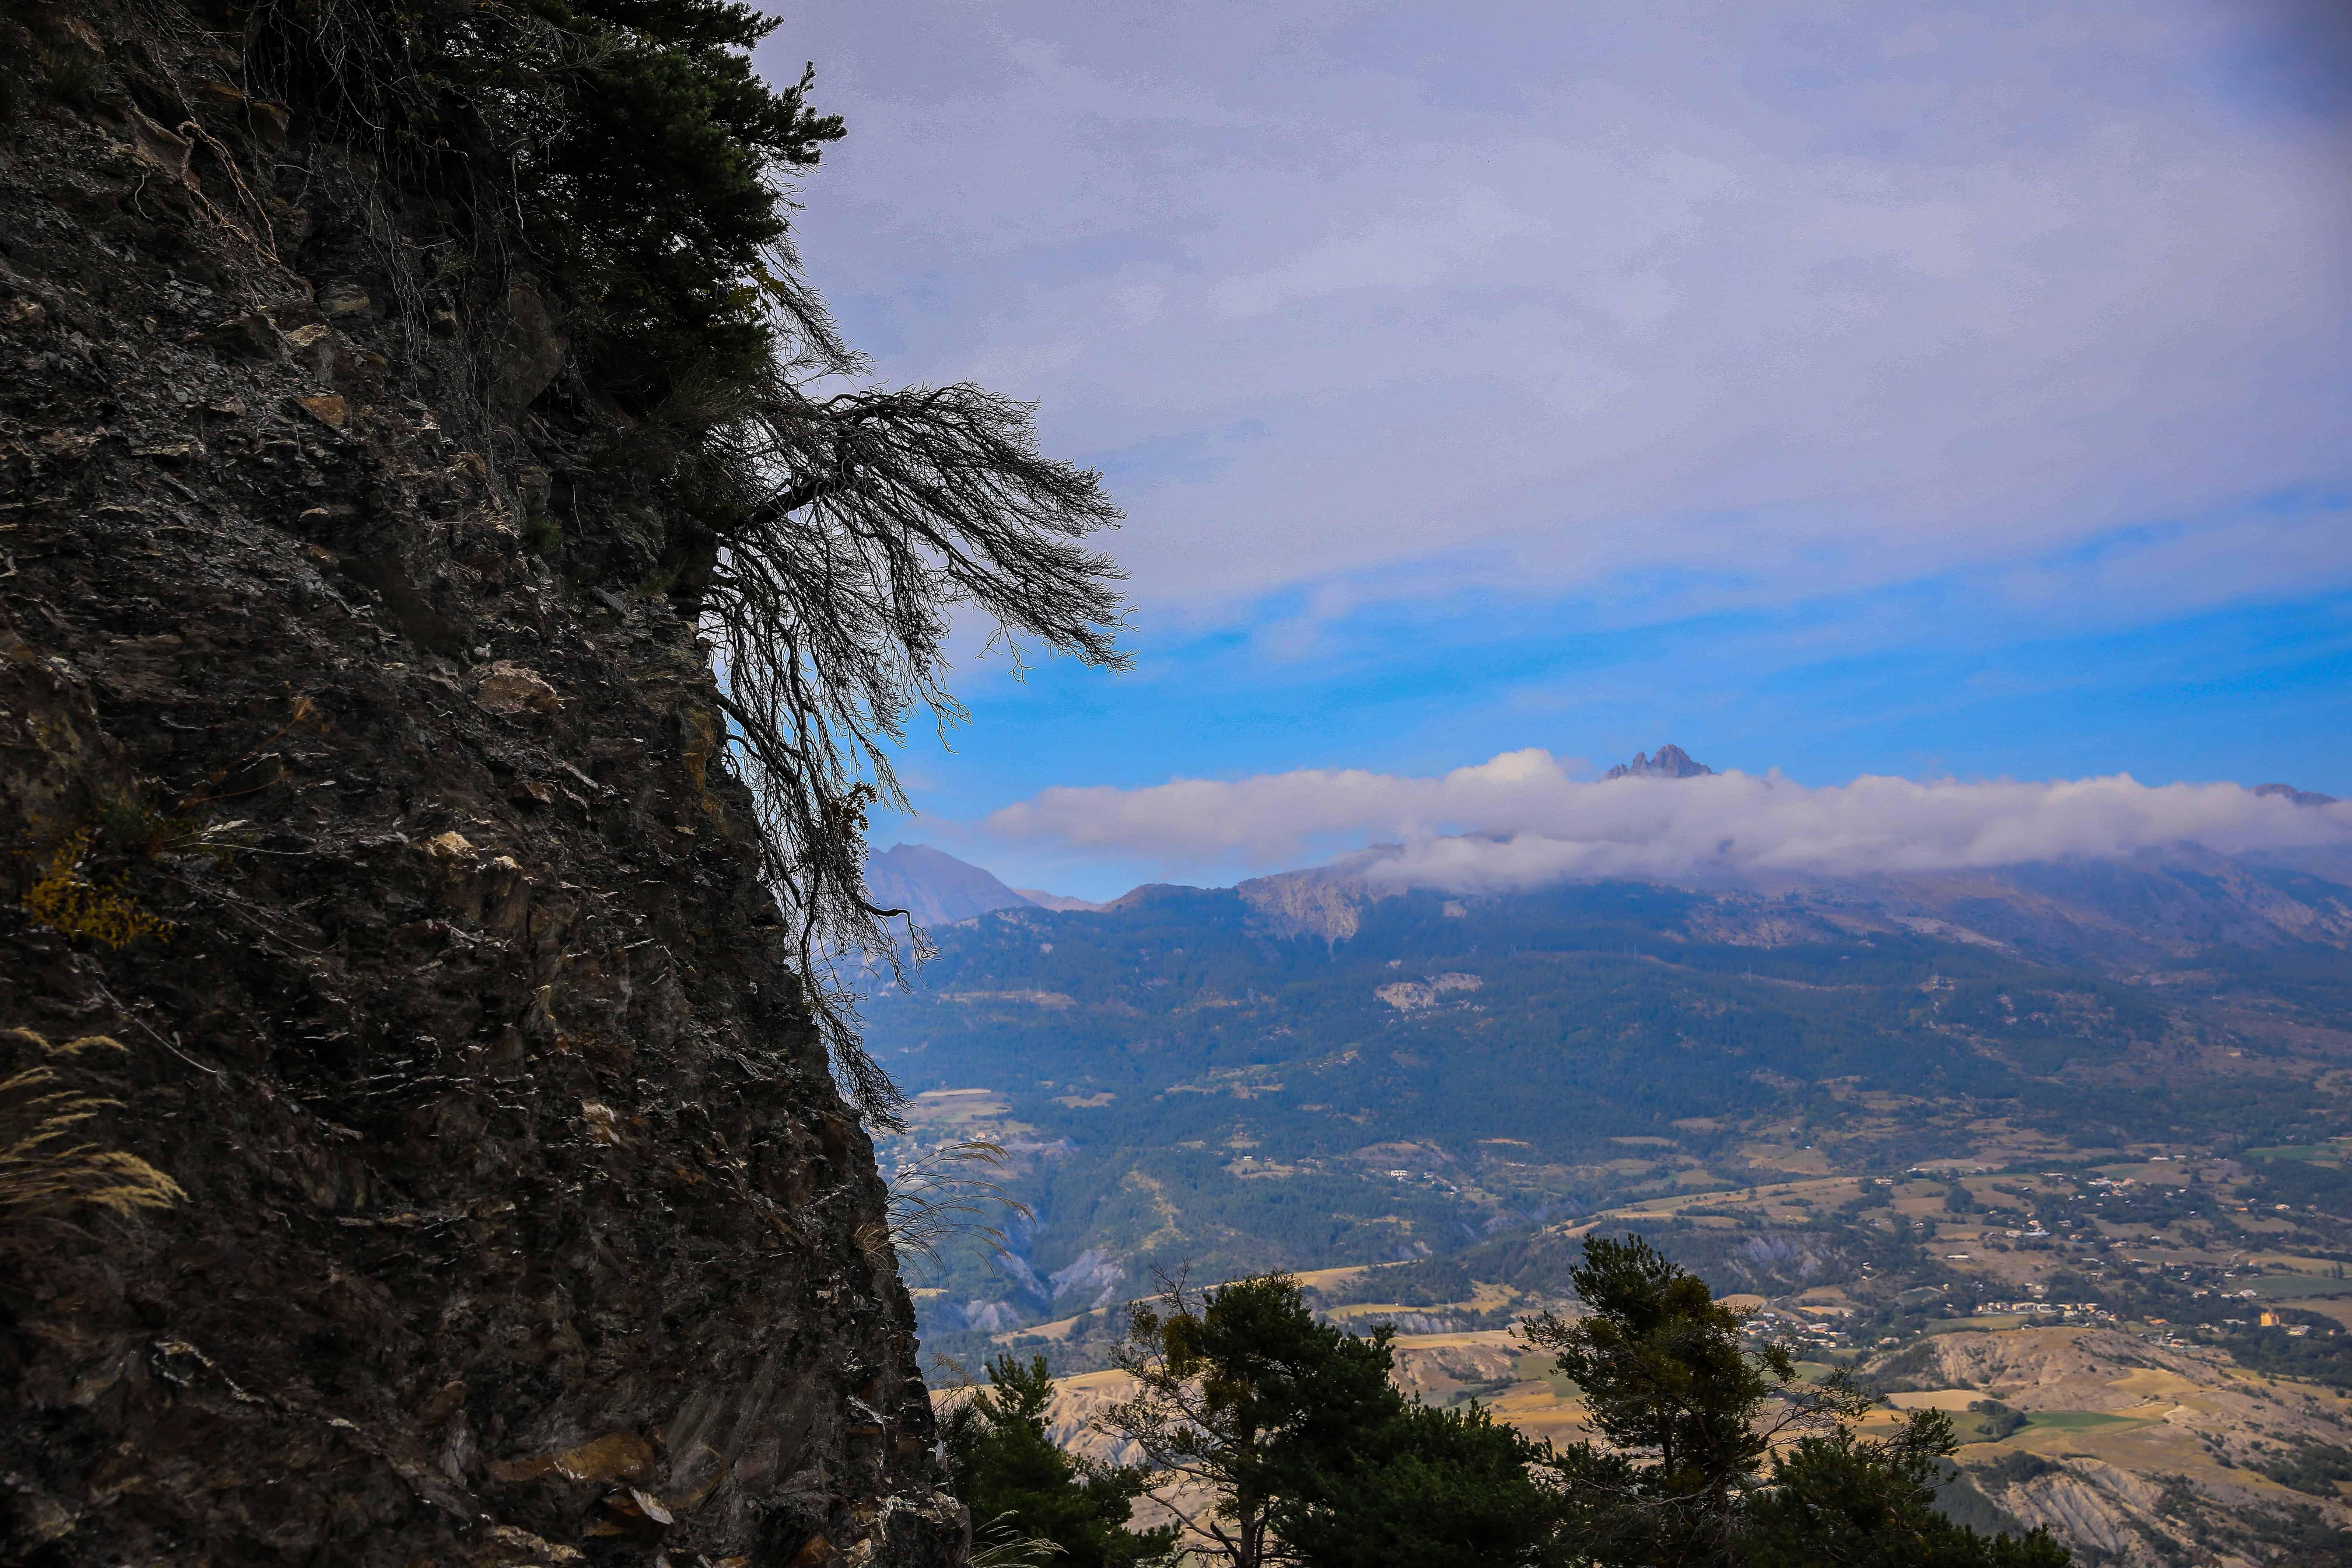 nature montagne arbre ciel paysage extrieur - Arbre Ciel